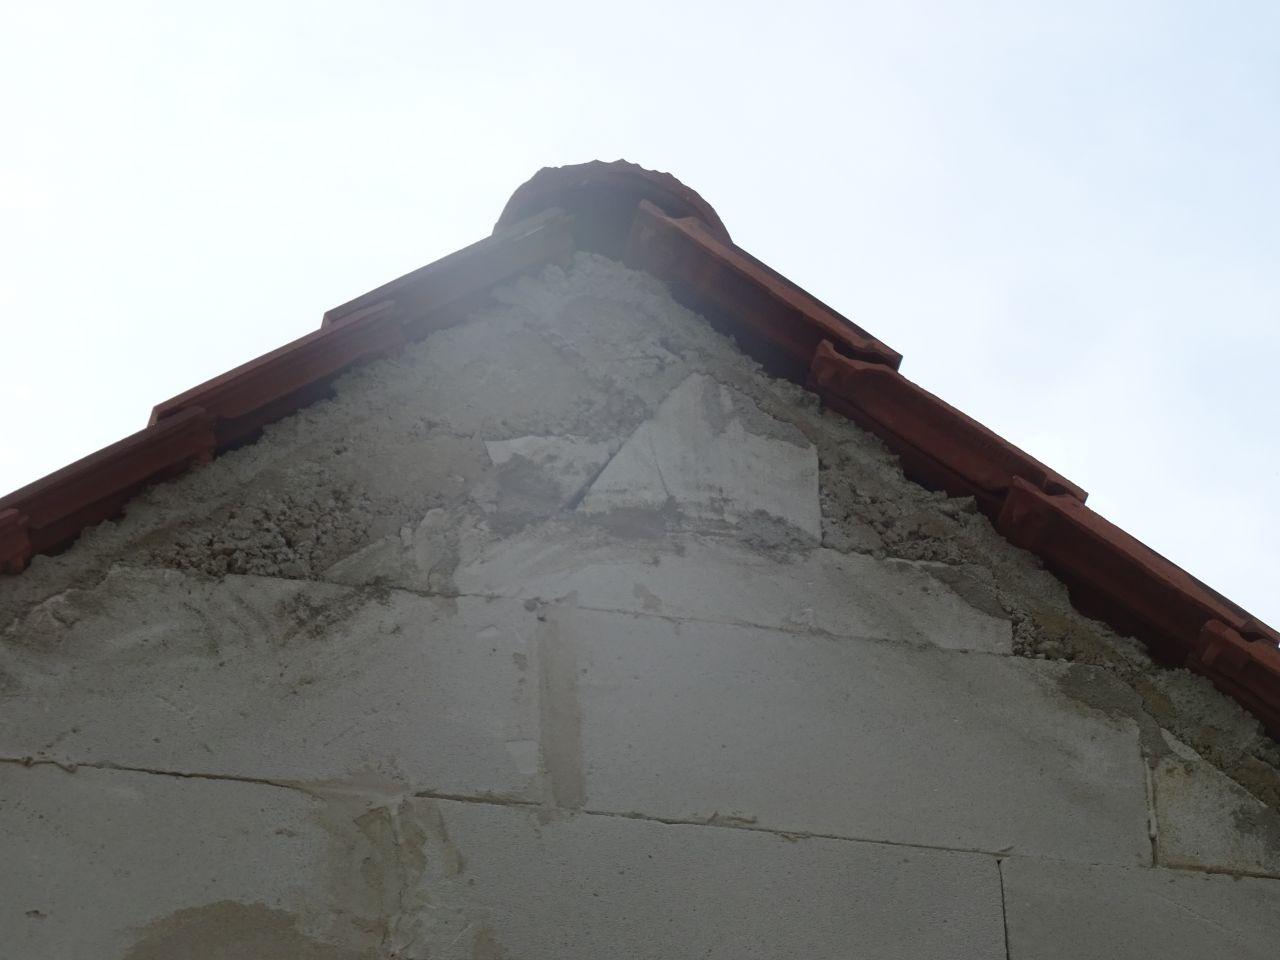 Il manque les tuiles des bords du sommet du toit.